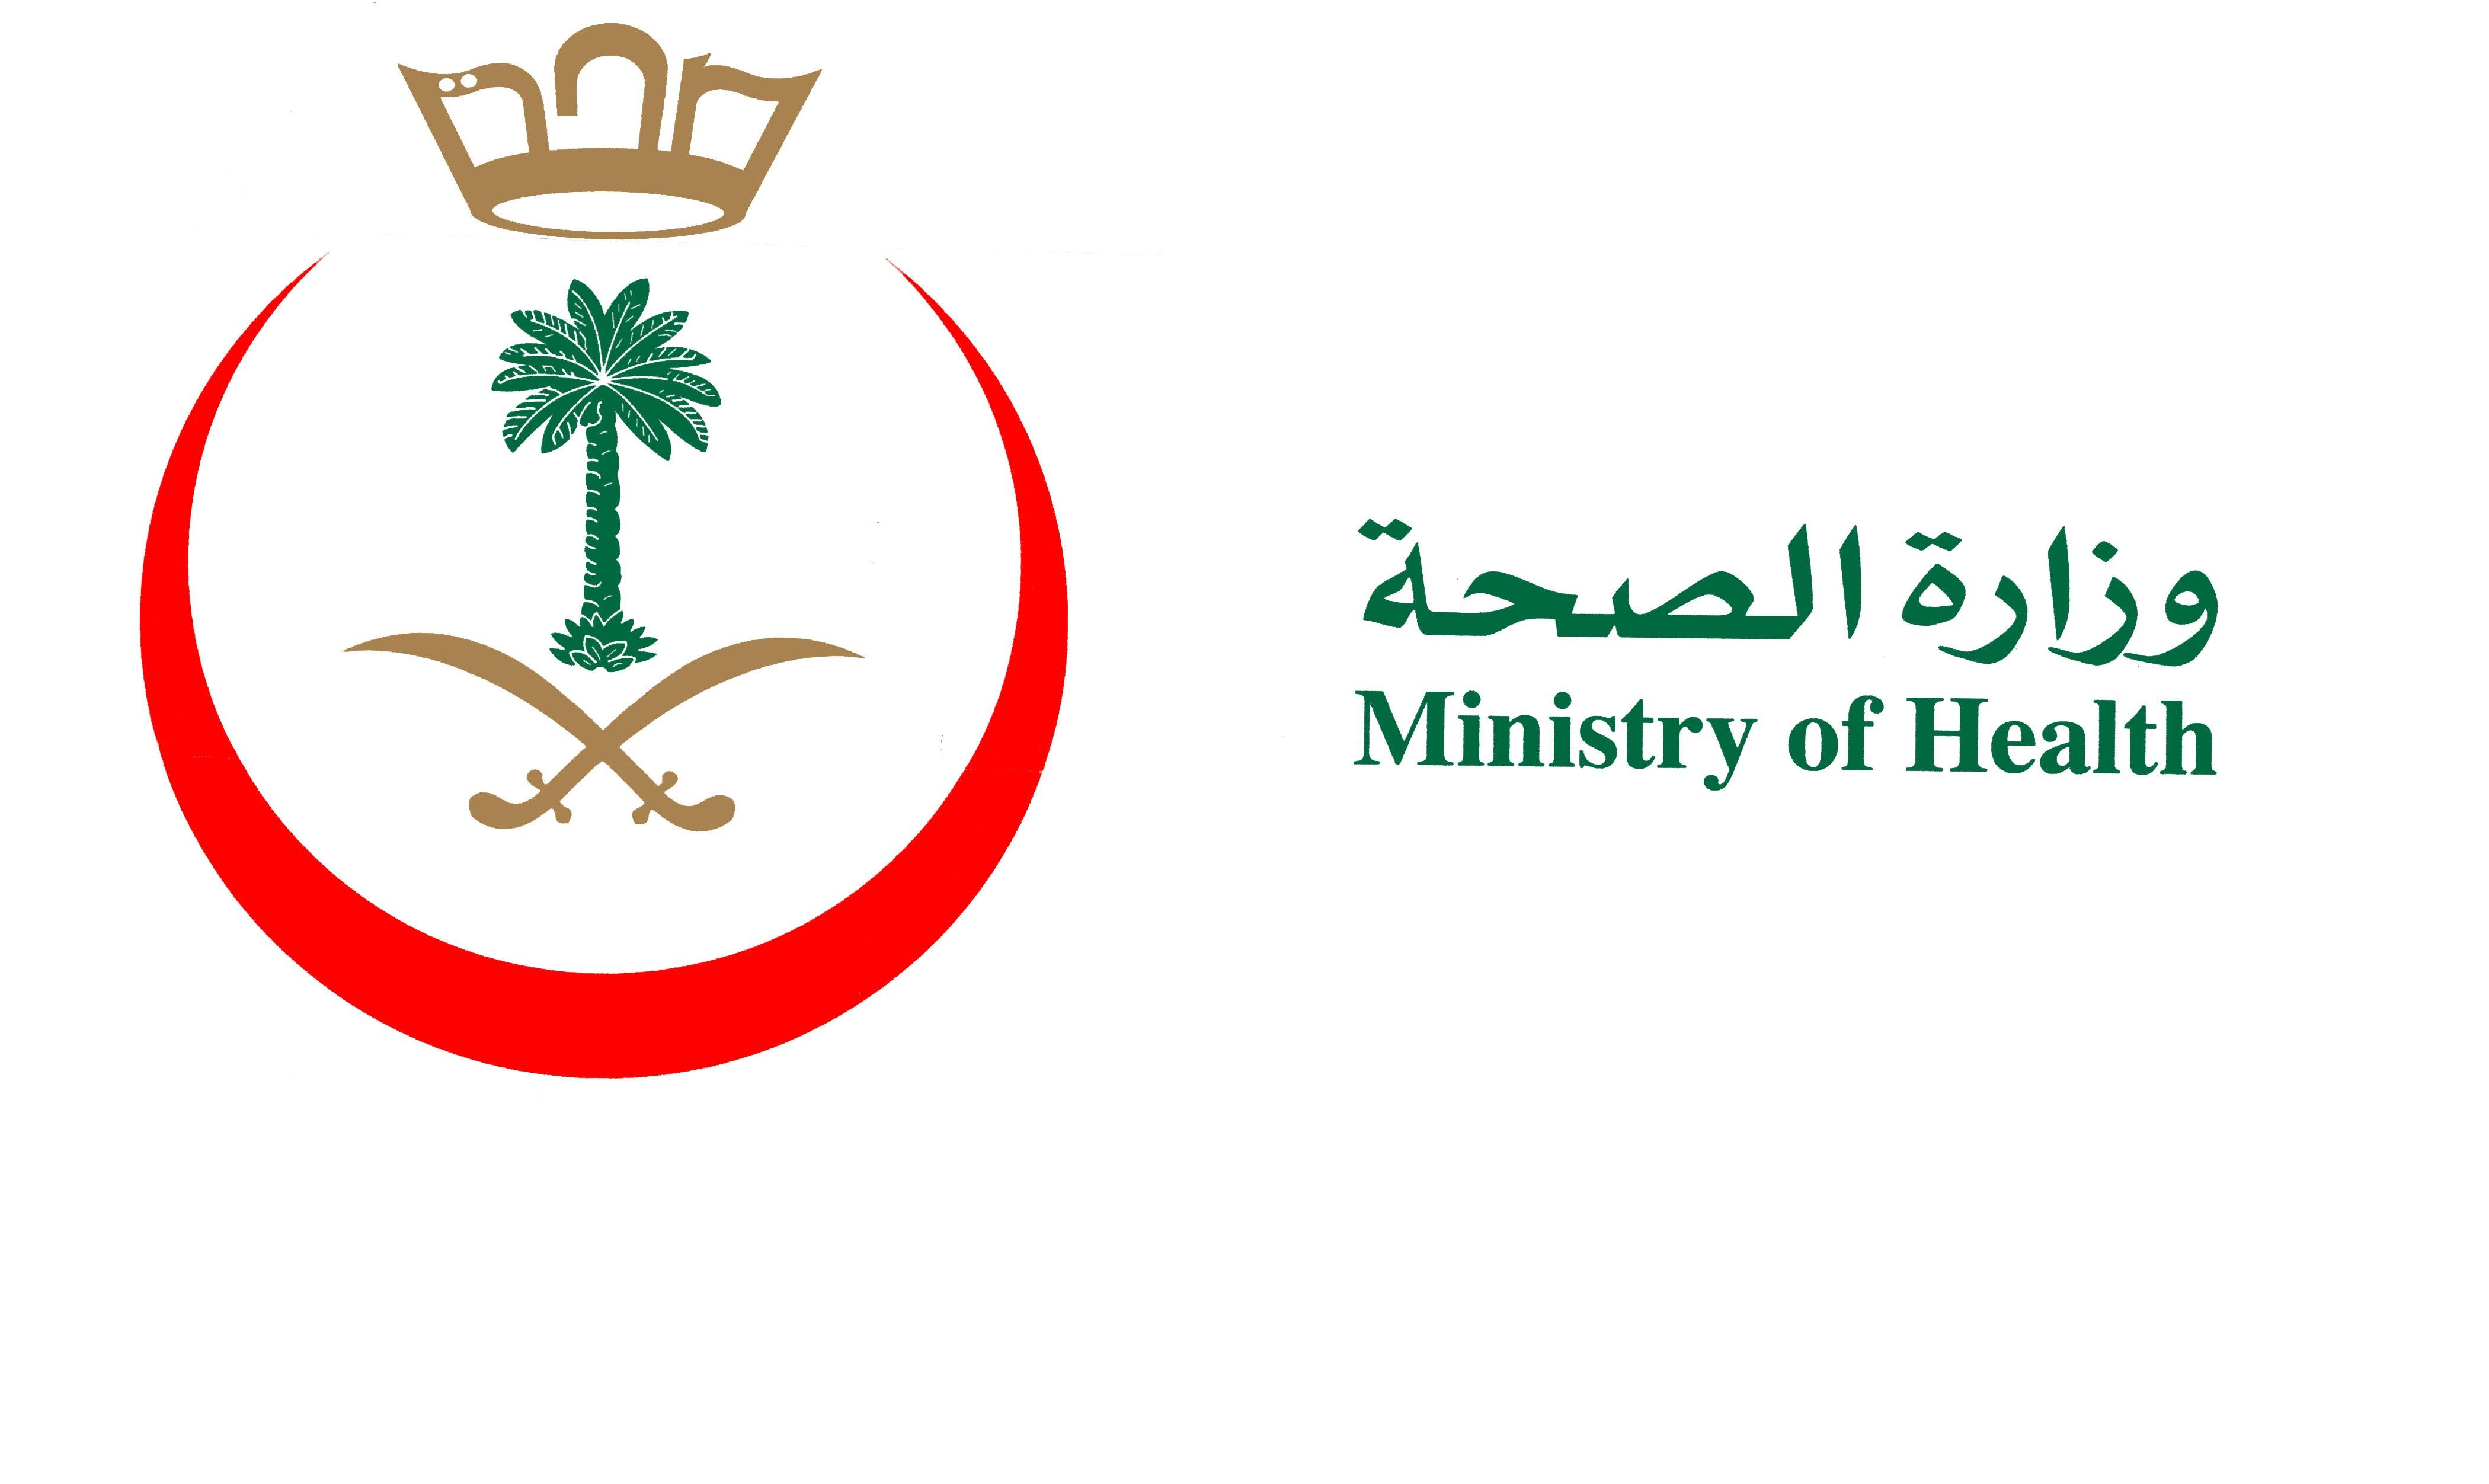 شعار وزارة الصحة القديم